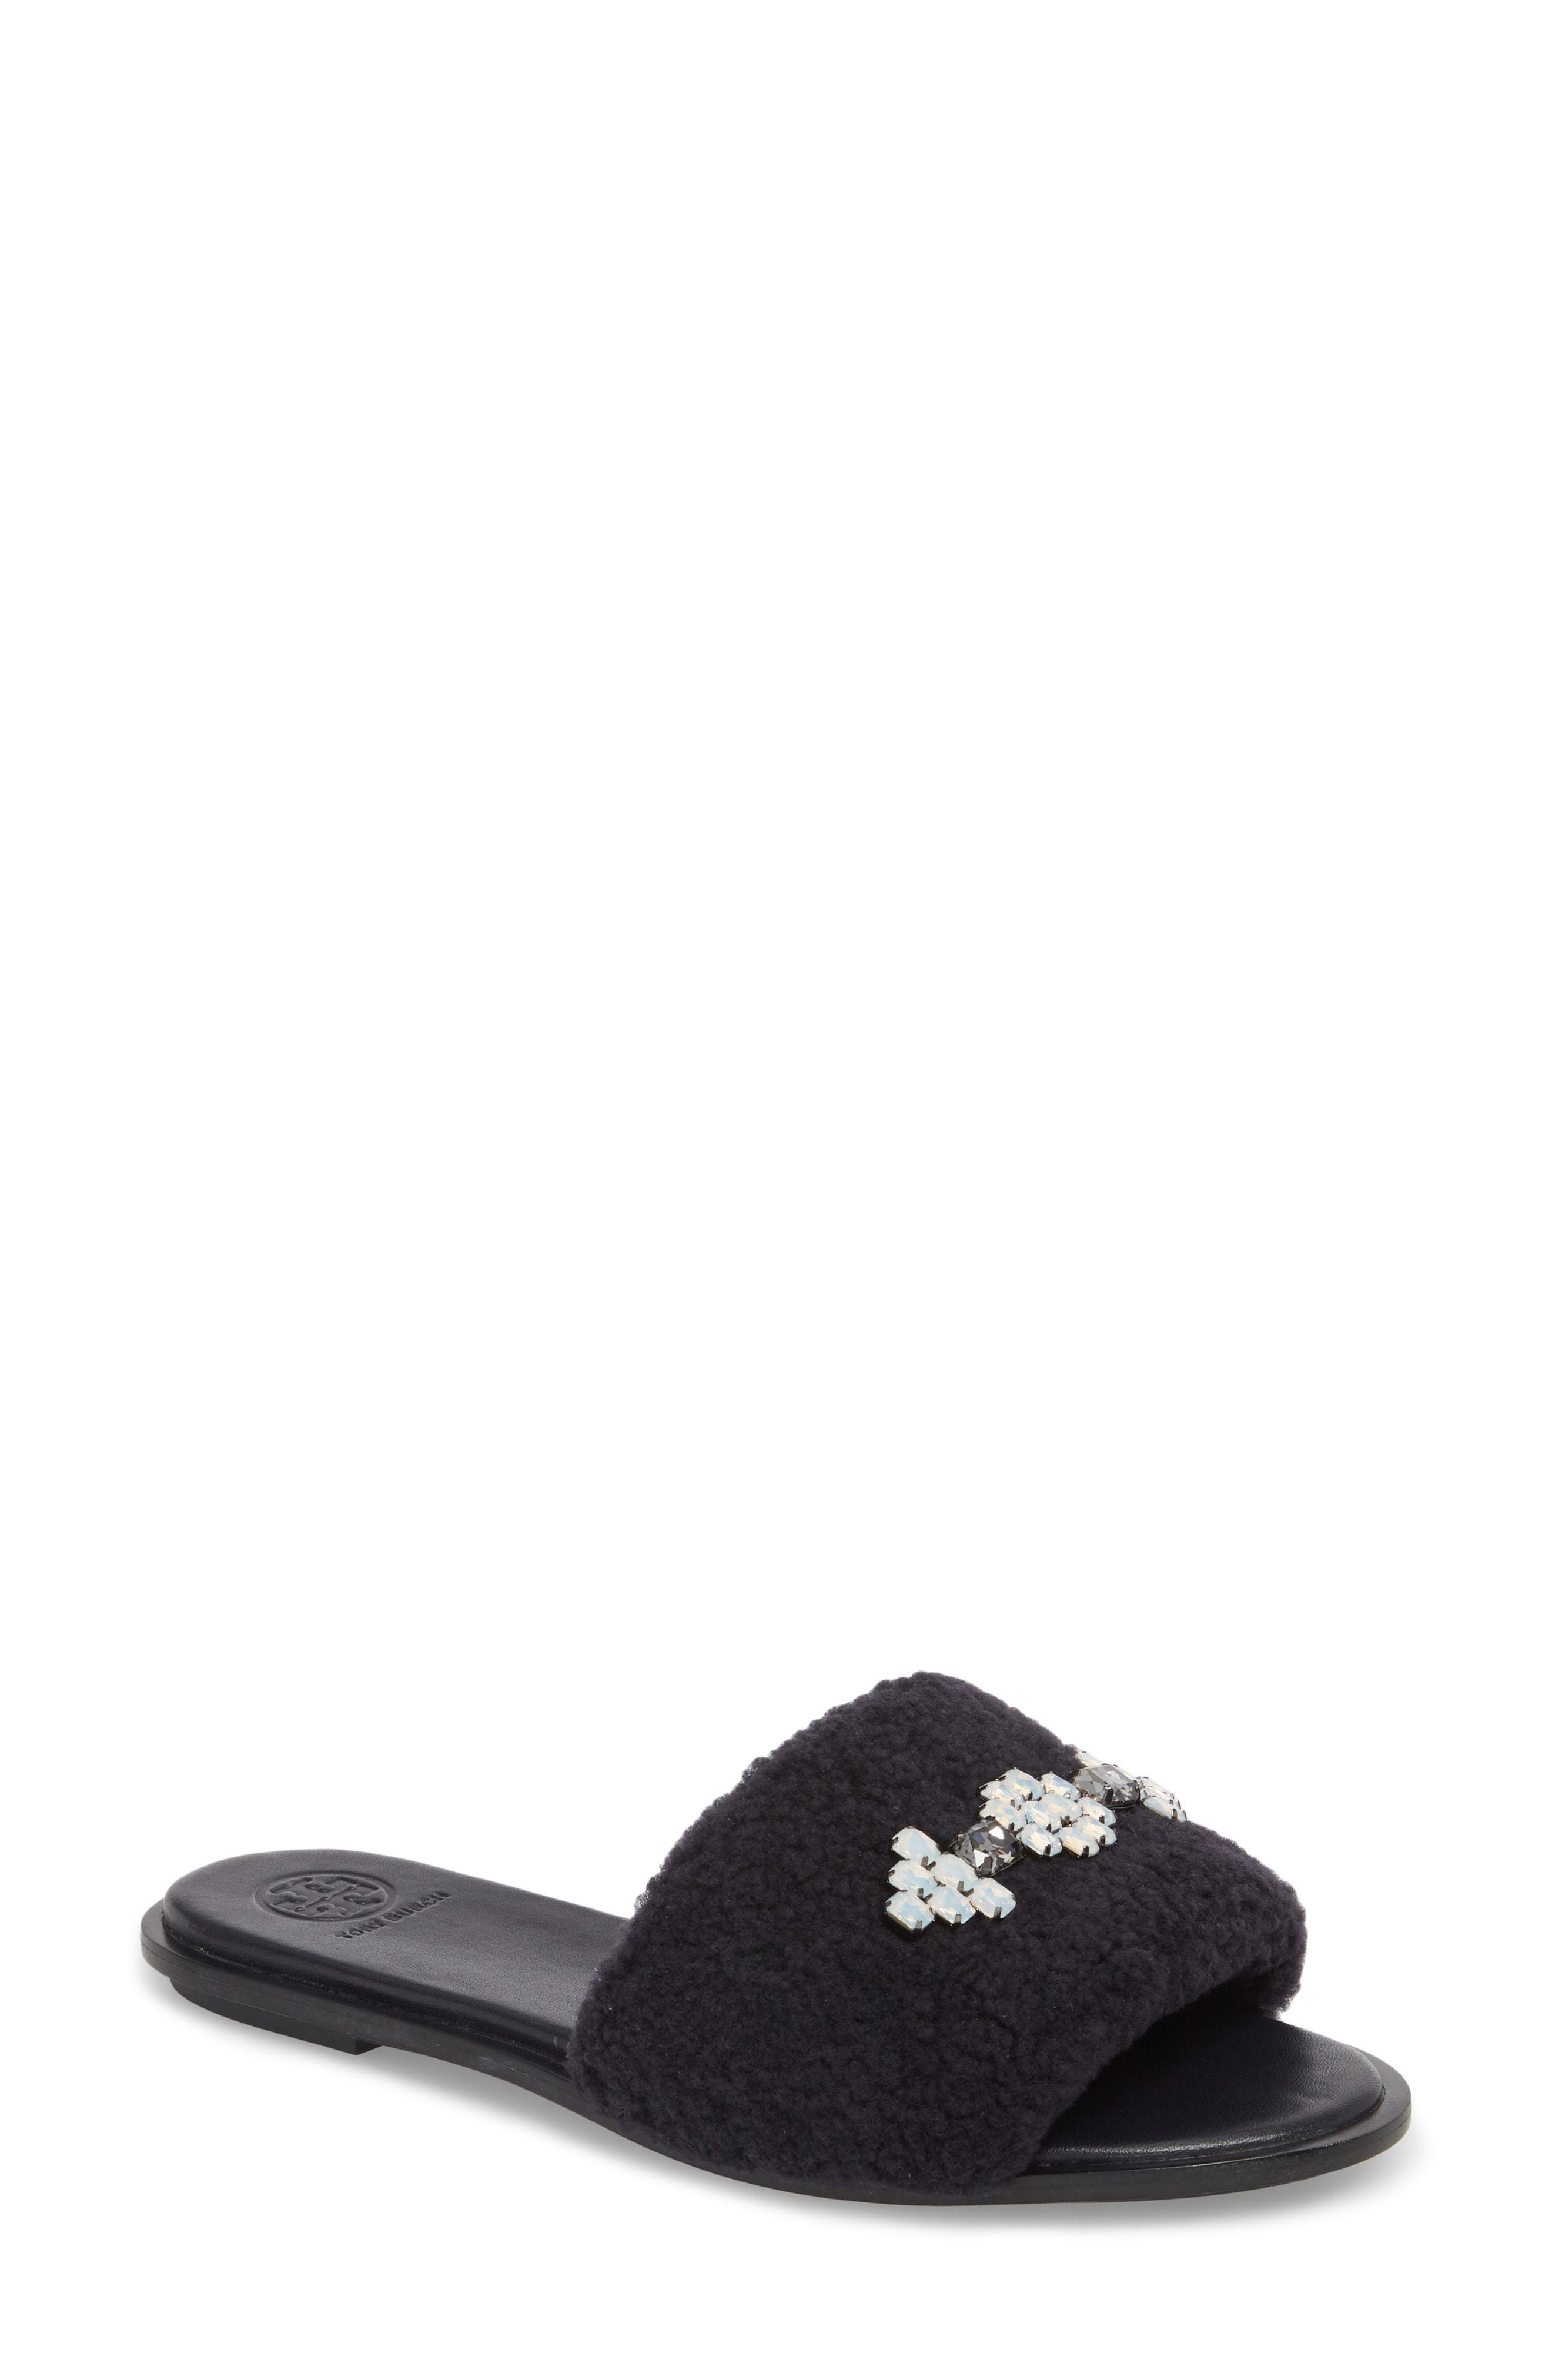 4c35de34df6b ... Flat Sandals Tory Burch Embellished Genuine Shearling Slide Sandal